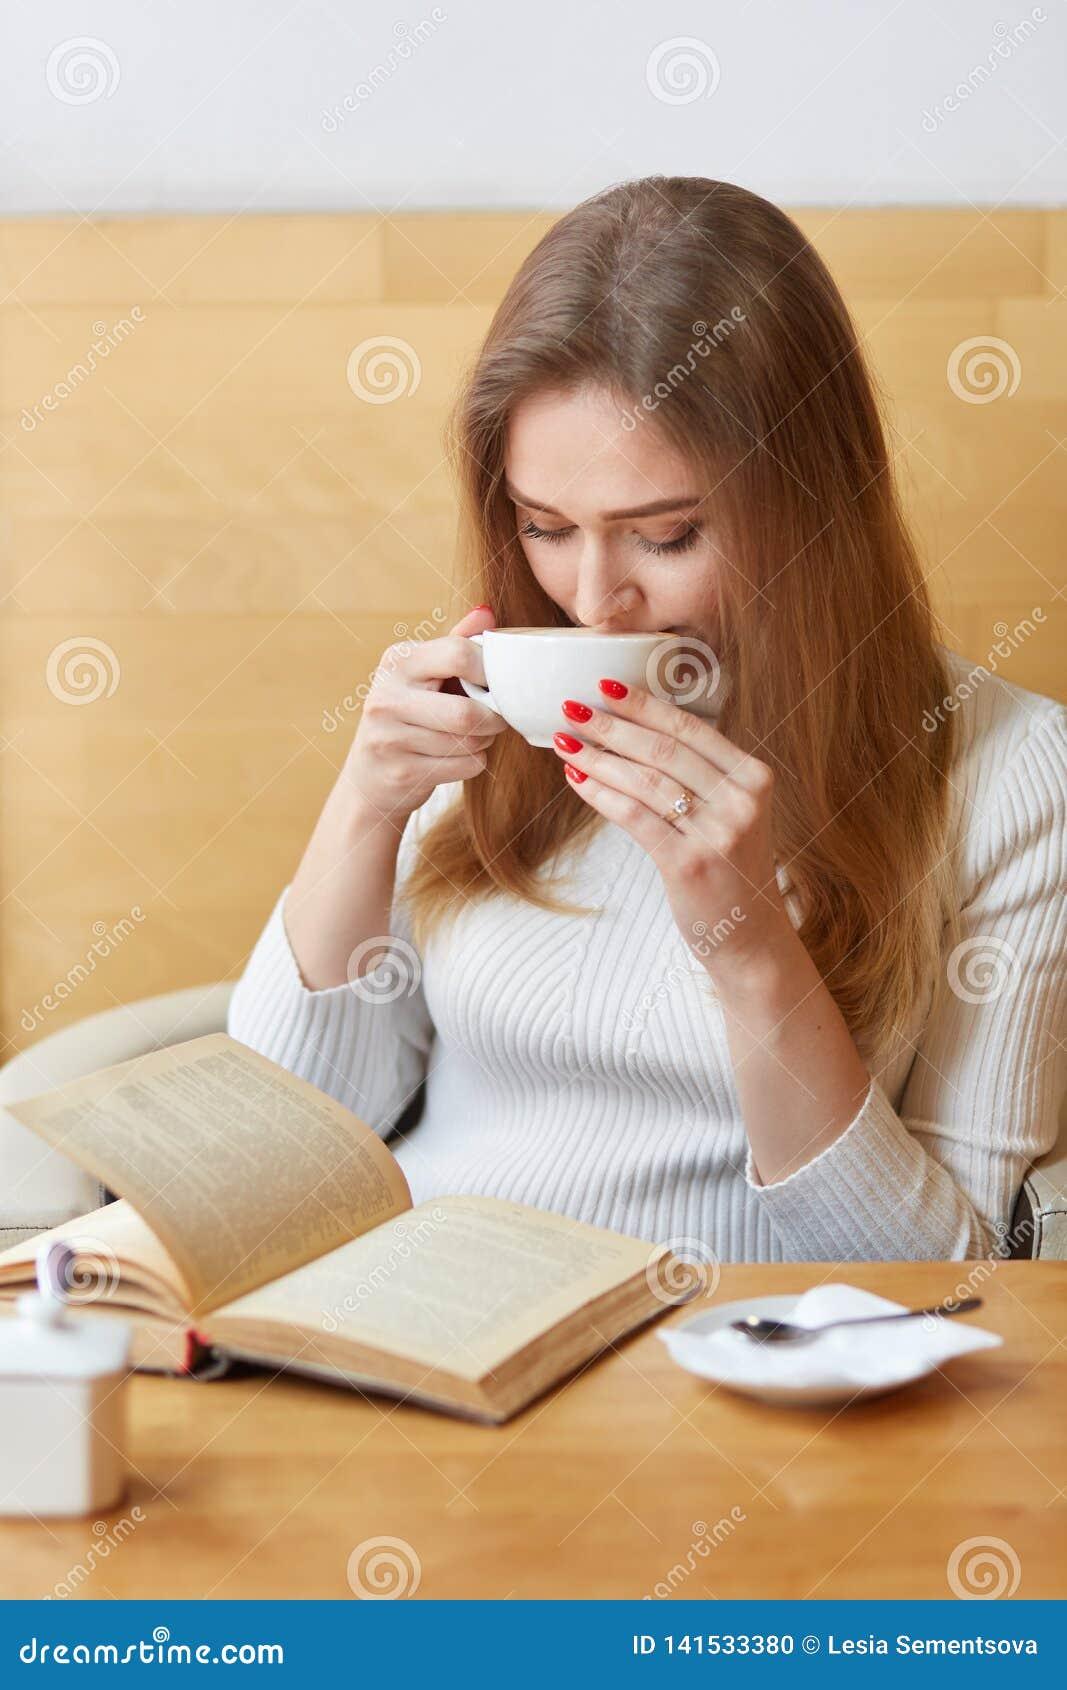 De verticaal van onbezorgde mooie vrouw wordt geschoten de dranken hete thee van witte mok, fantastisch verhaal leest, houdt van